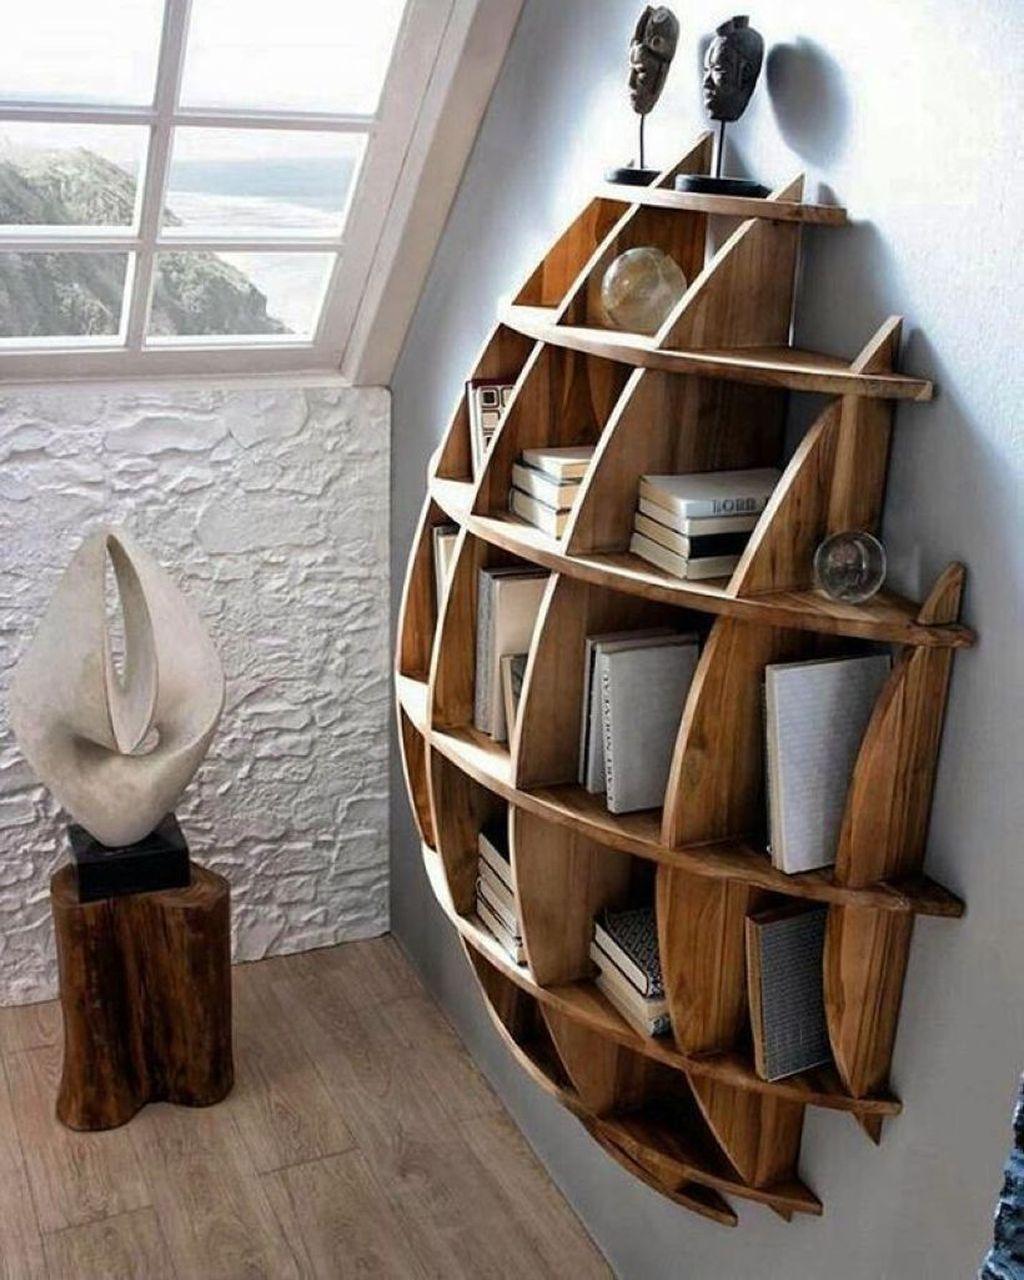 Elegant Bookshelves Decor Ideas That Trending Today 27